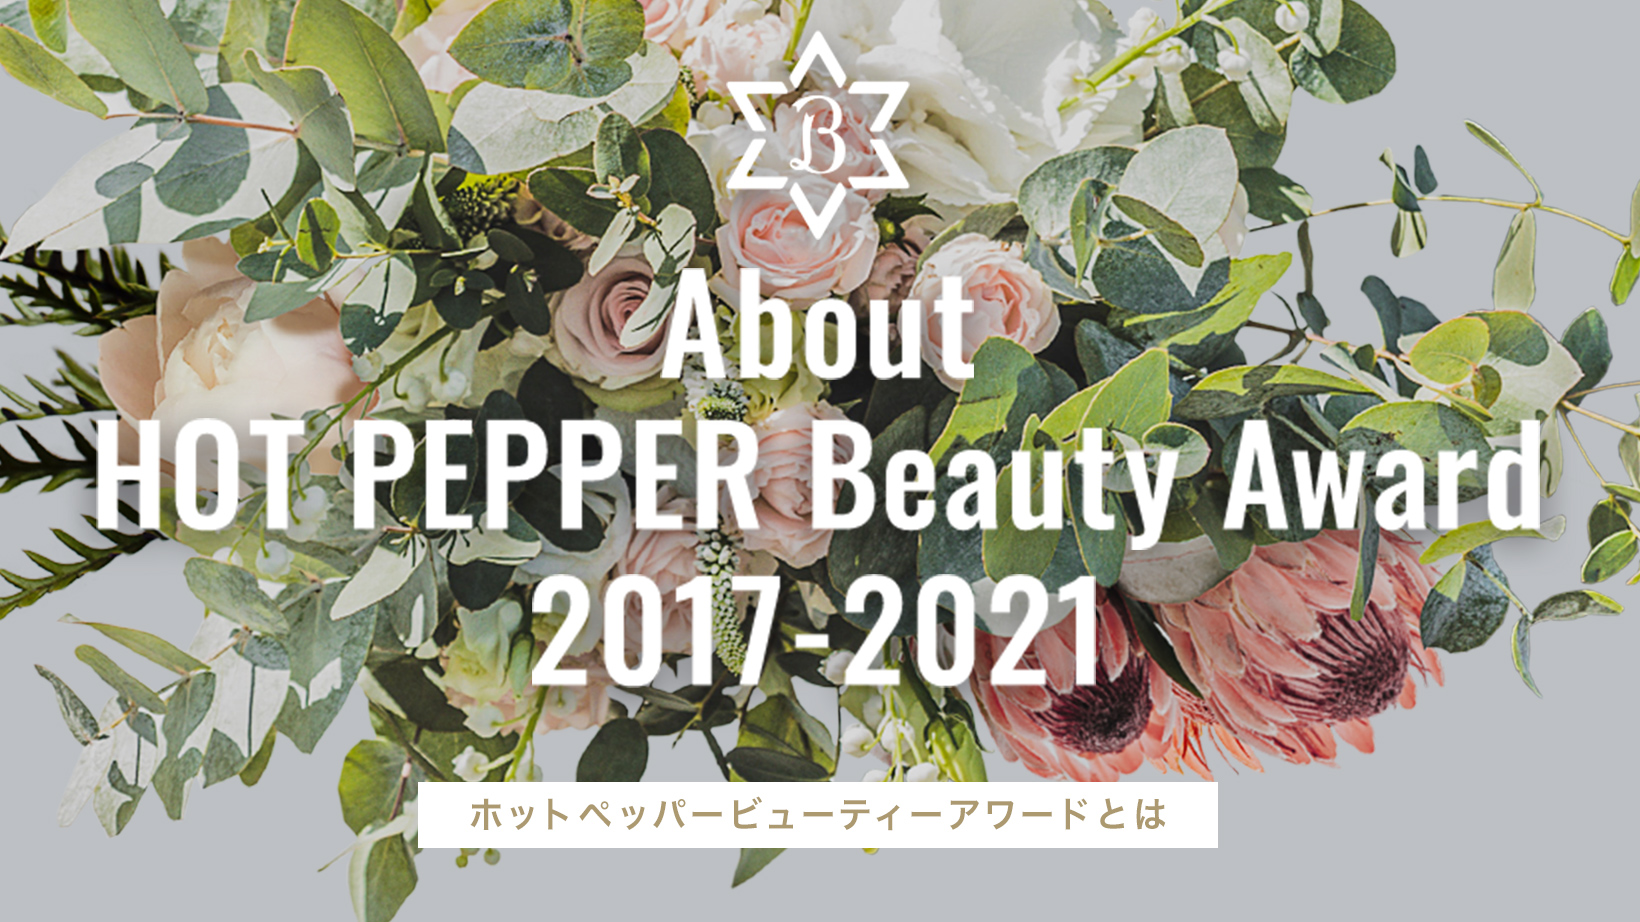 HOT PEPPER Beauty AWARD 2017-2021